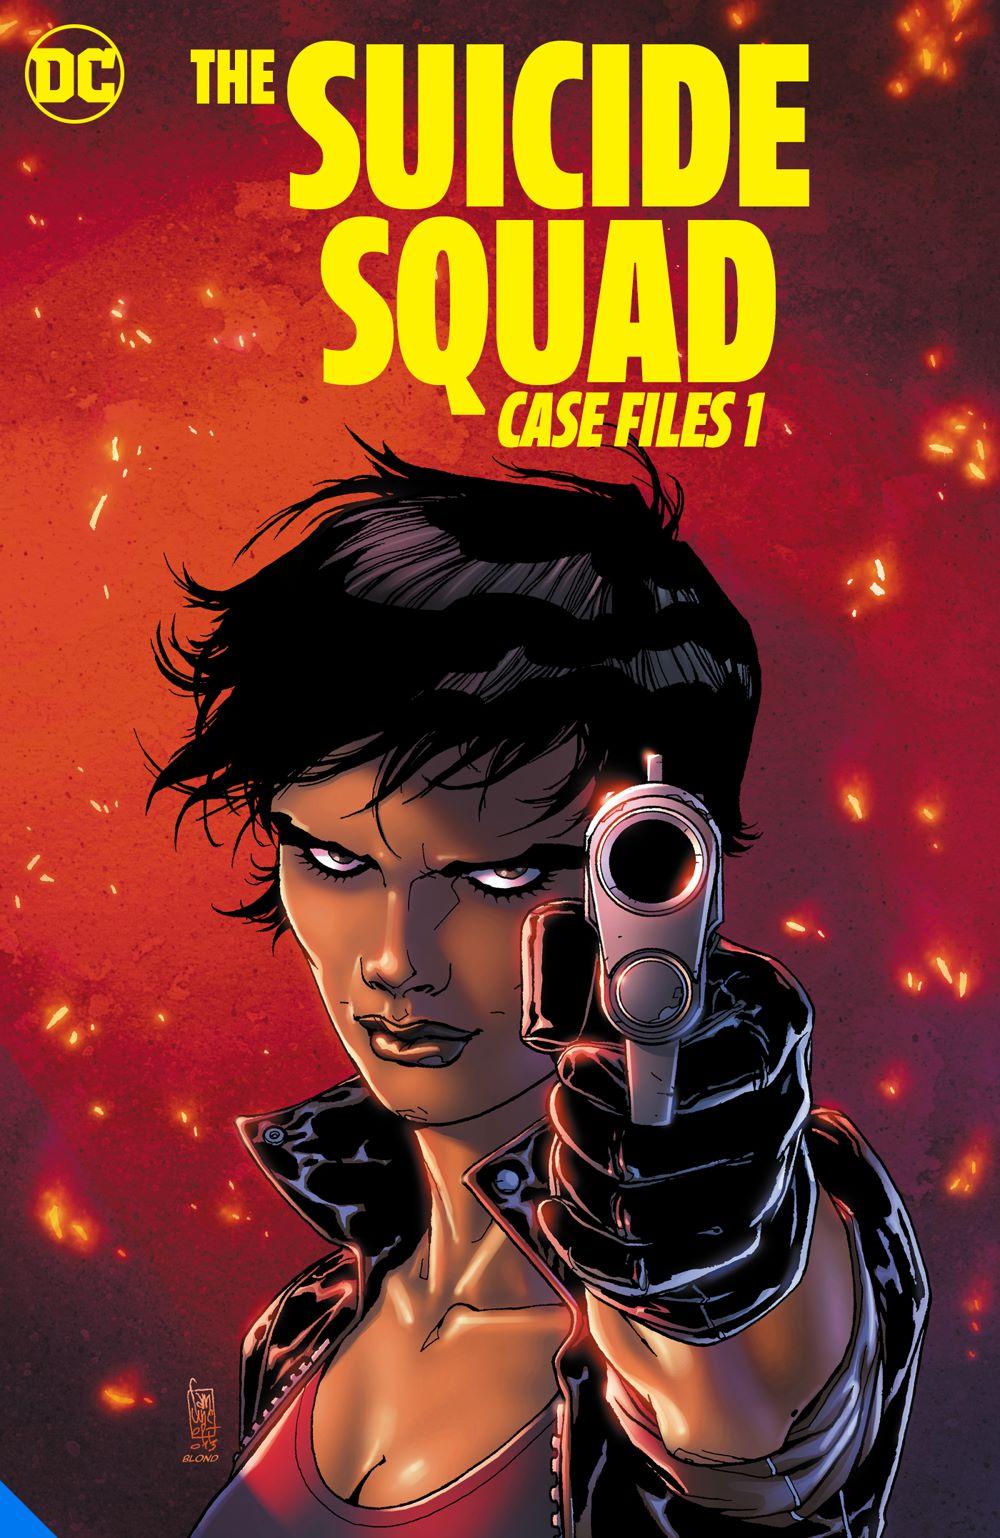 thesuicidesquadcasefiles1_adv DC Comics June 2021 Solicitations